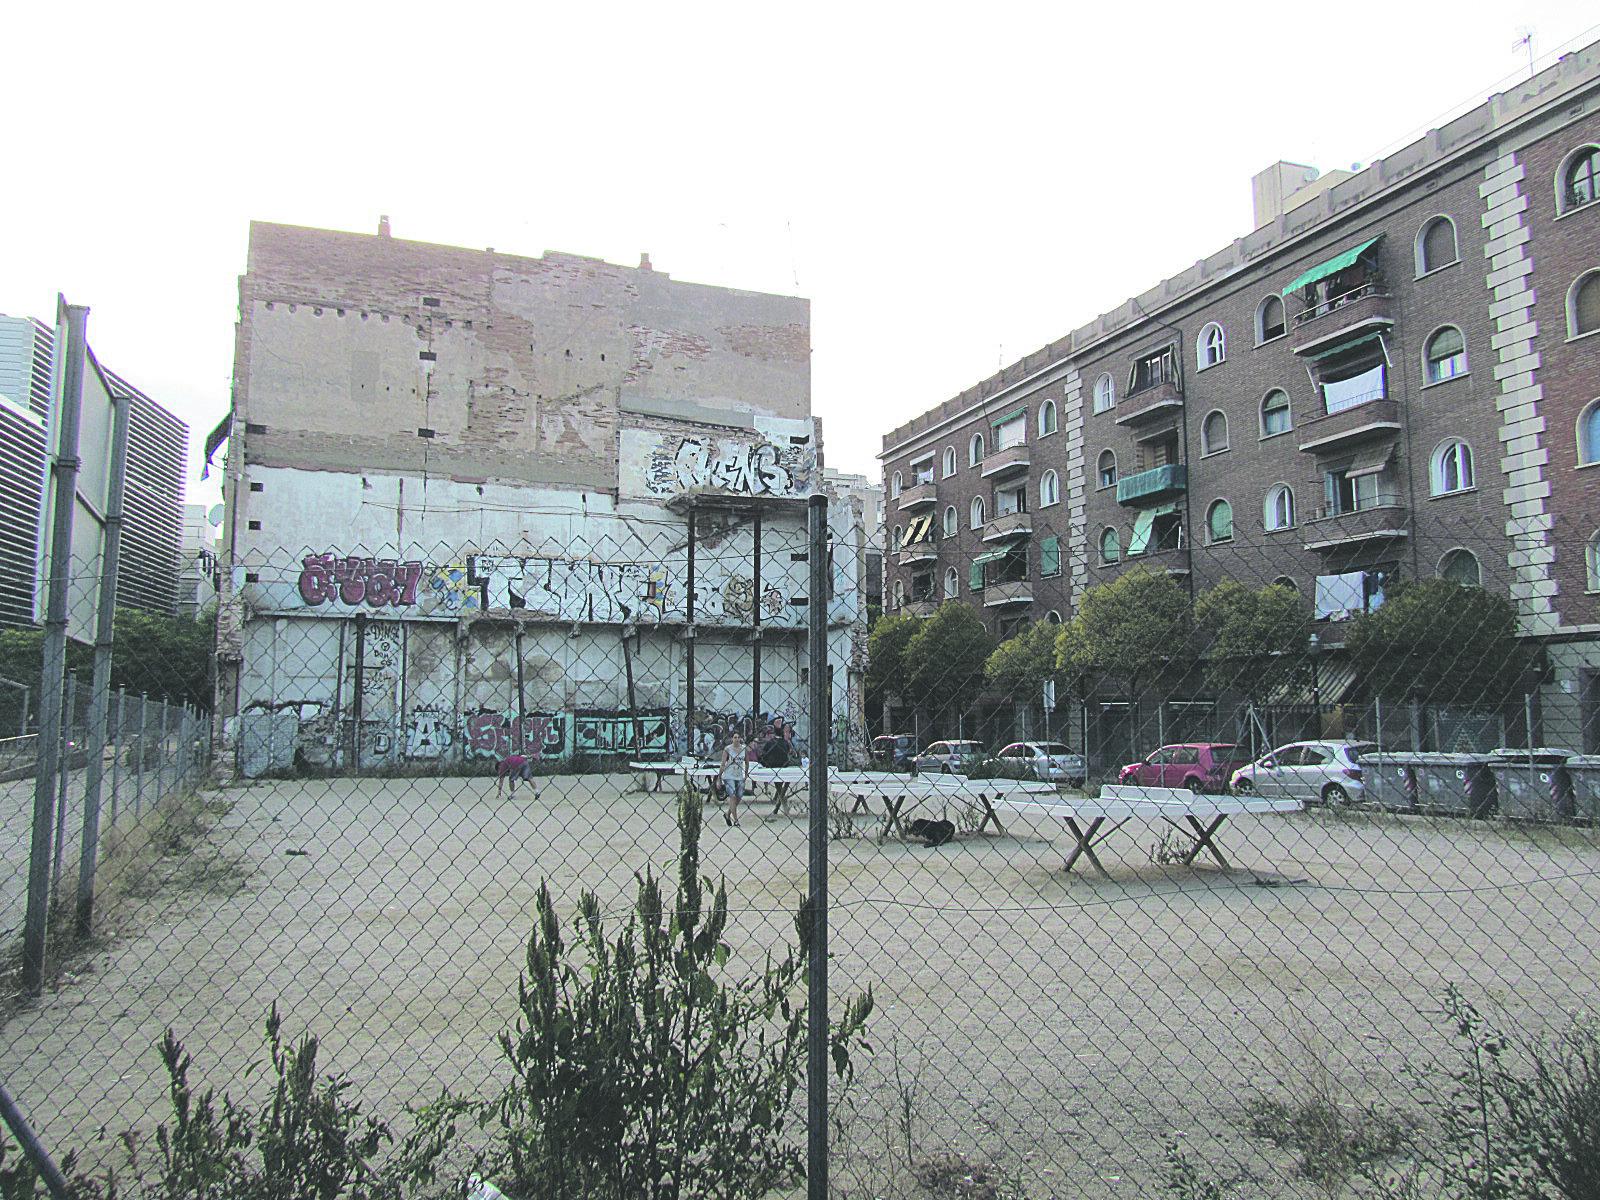 El narcocampamento de Drassanes pone de manifiesto la degradación del barrio.